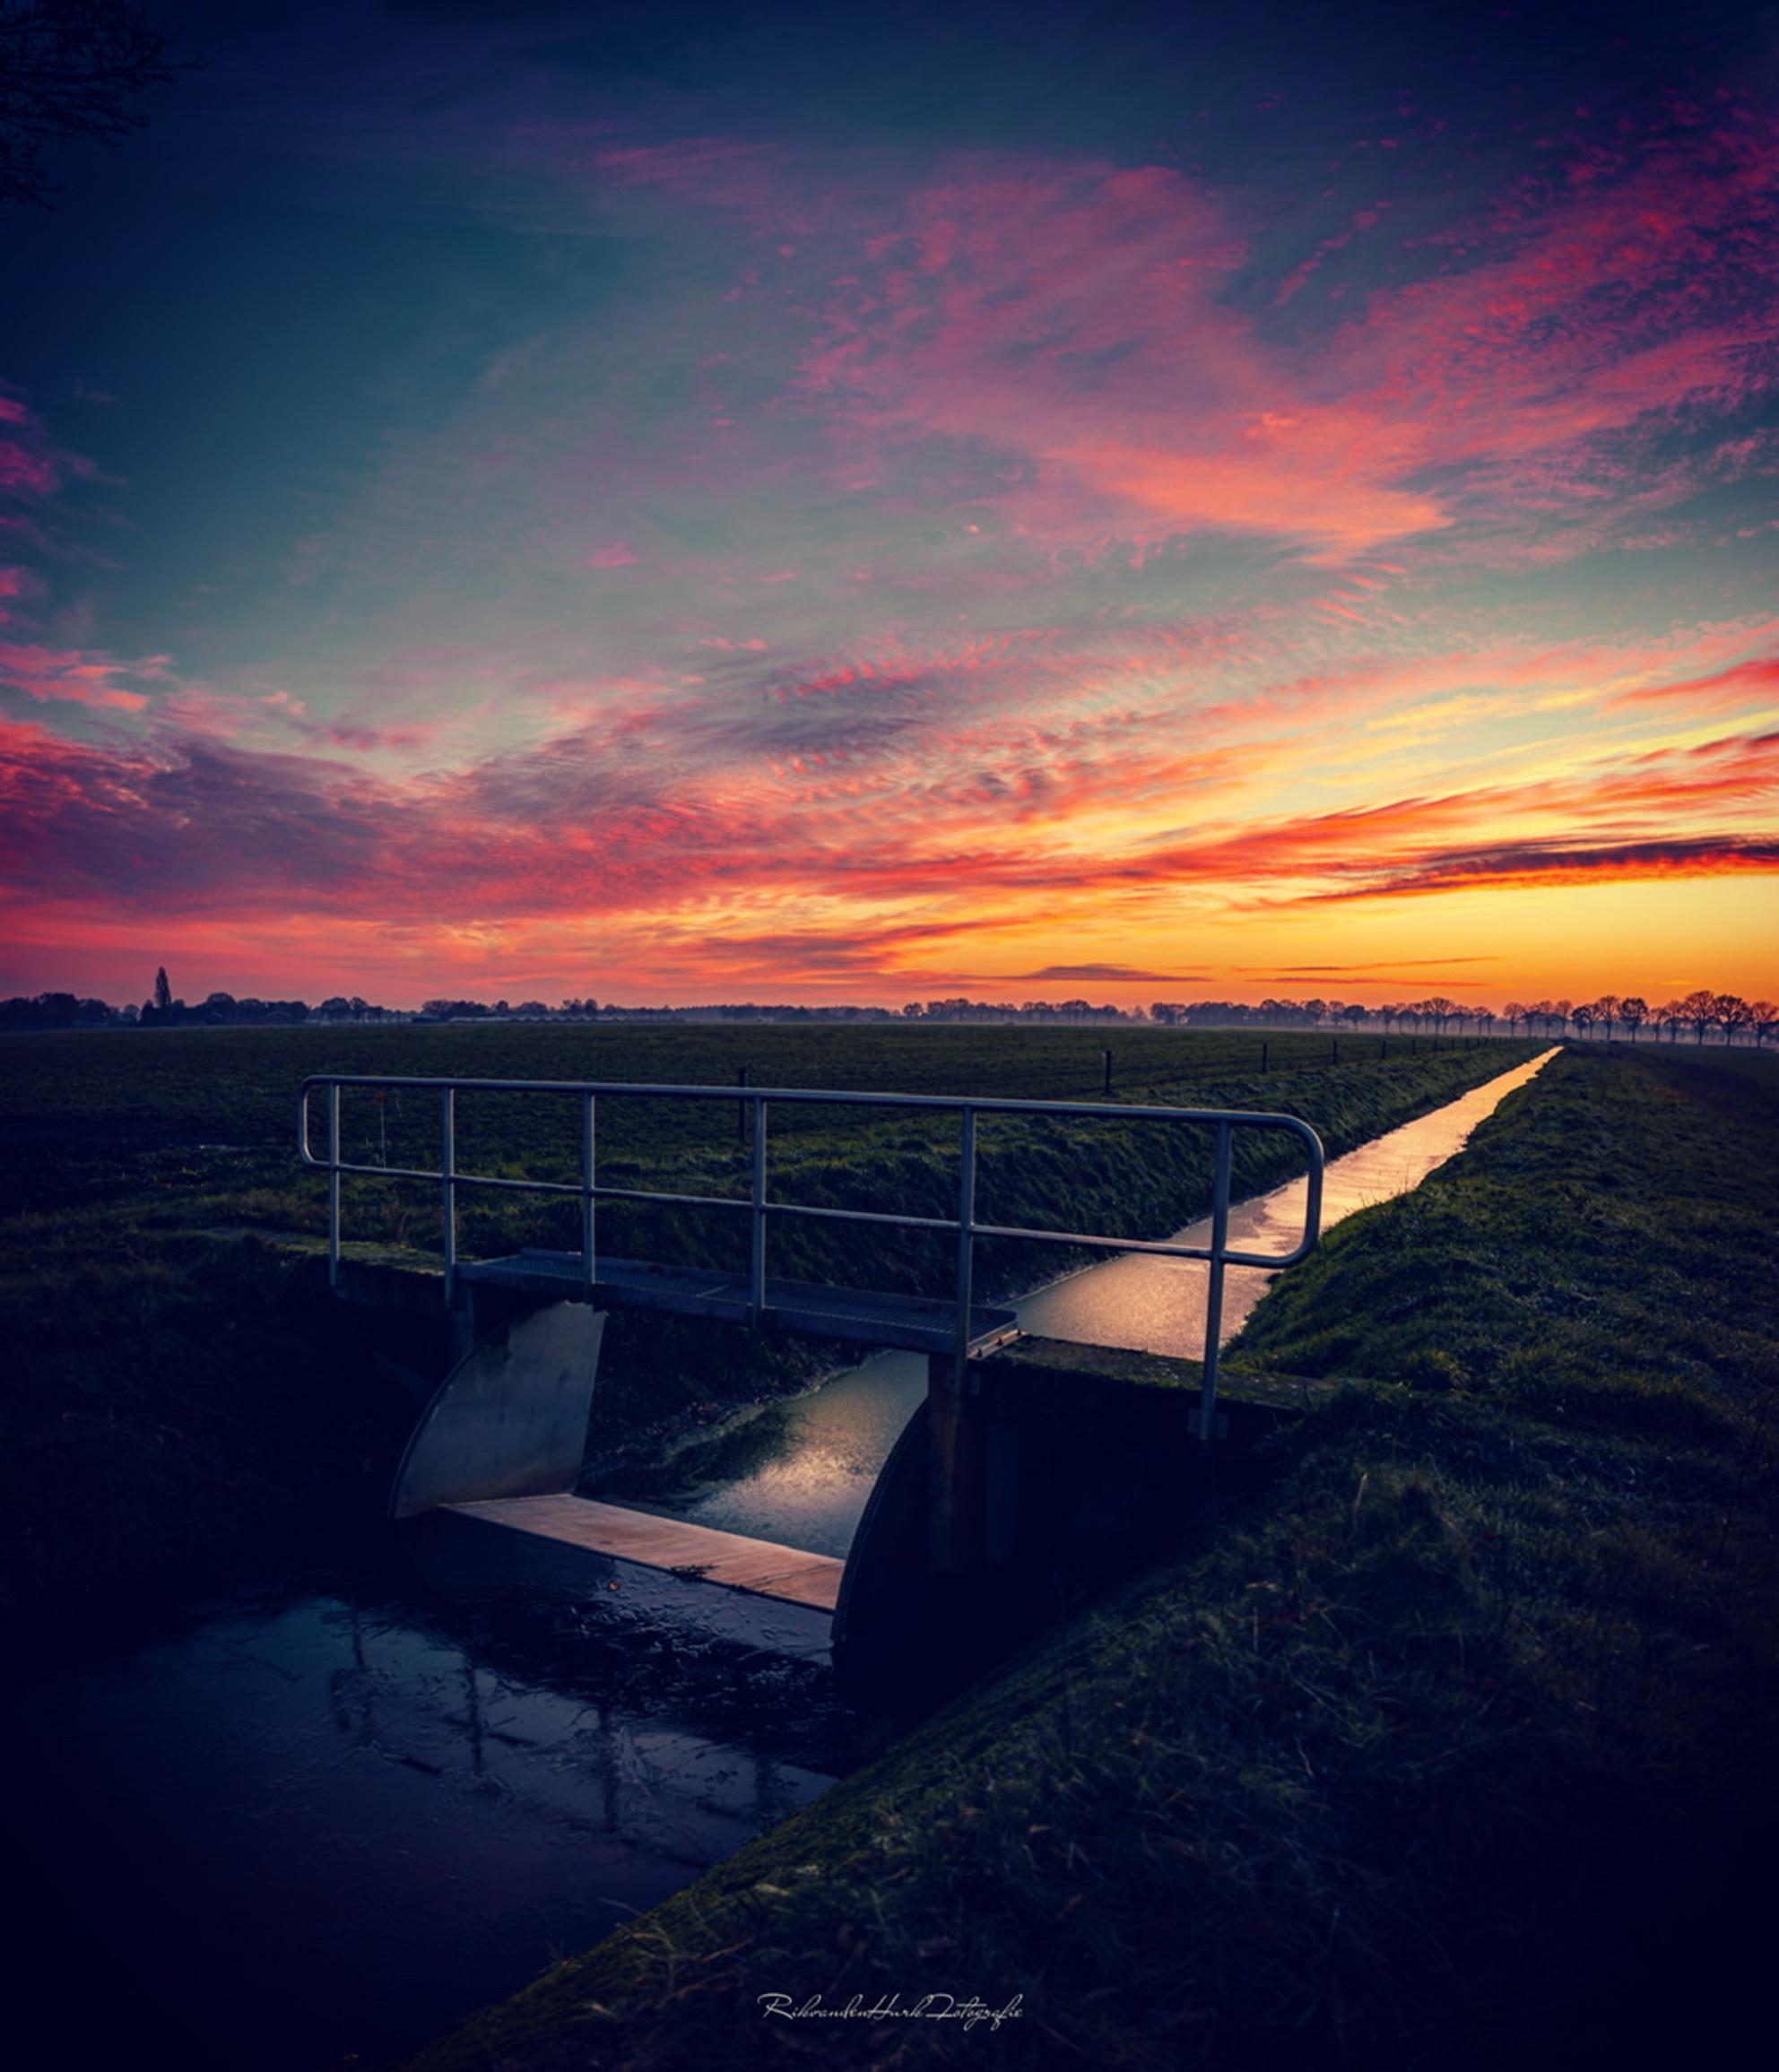 Im i dreaming? - - - foto door RikvandenHurkphotography op 25-02-2021 - deze foto bevat: lucht, kleuren, wolken, zon, water, natuur, licht, avond, zonsondergang, spiegeling, landschap, zonsopkomst, brug, beek, droom, dromerig, magisch